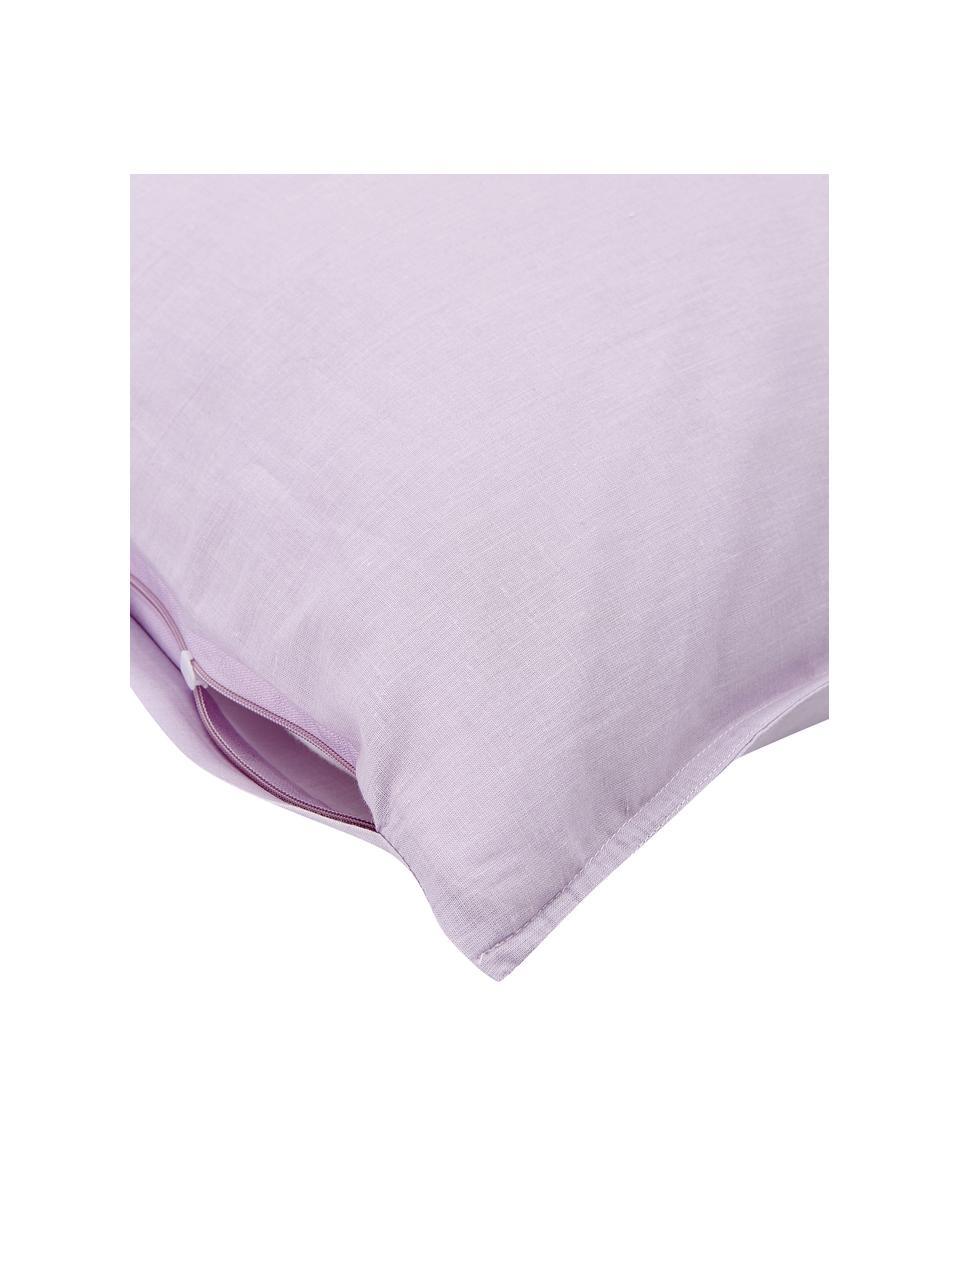 Pościel z bawełny Arlene, Lila, 240 x 220 cm + 2 poduszki 80 x 80 cm